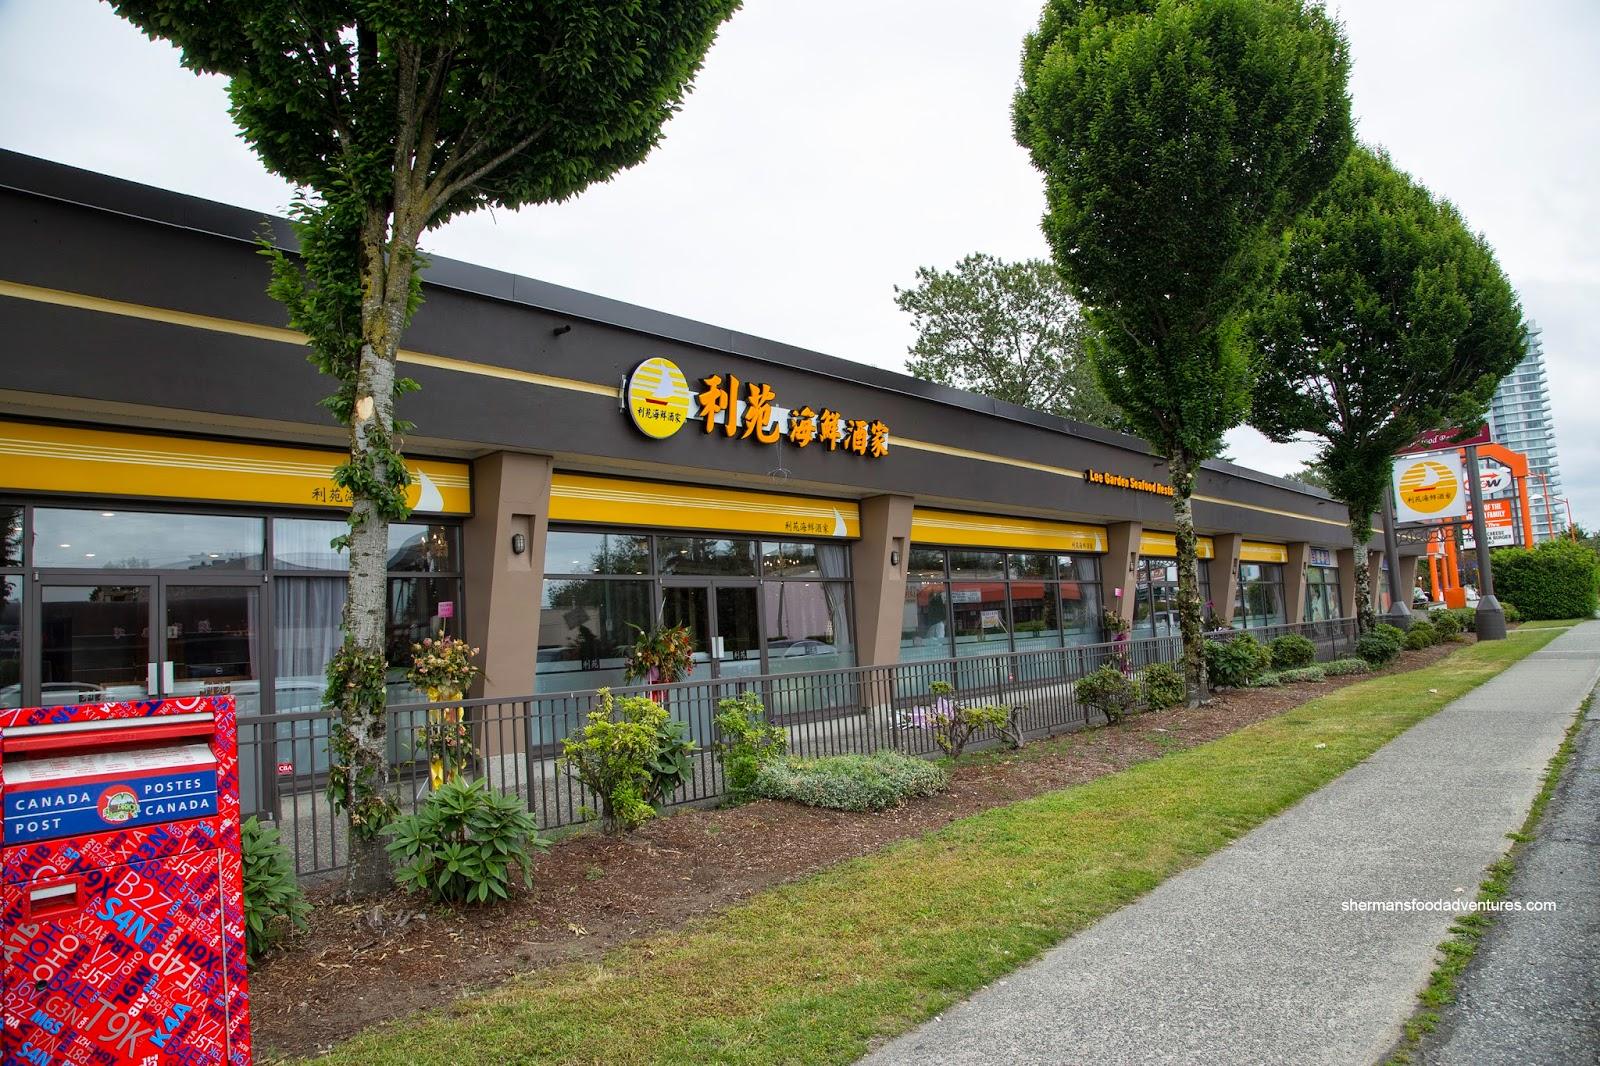 sherman 39 s food adventures dinner lee garden seafood restaurant